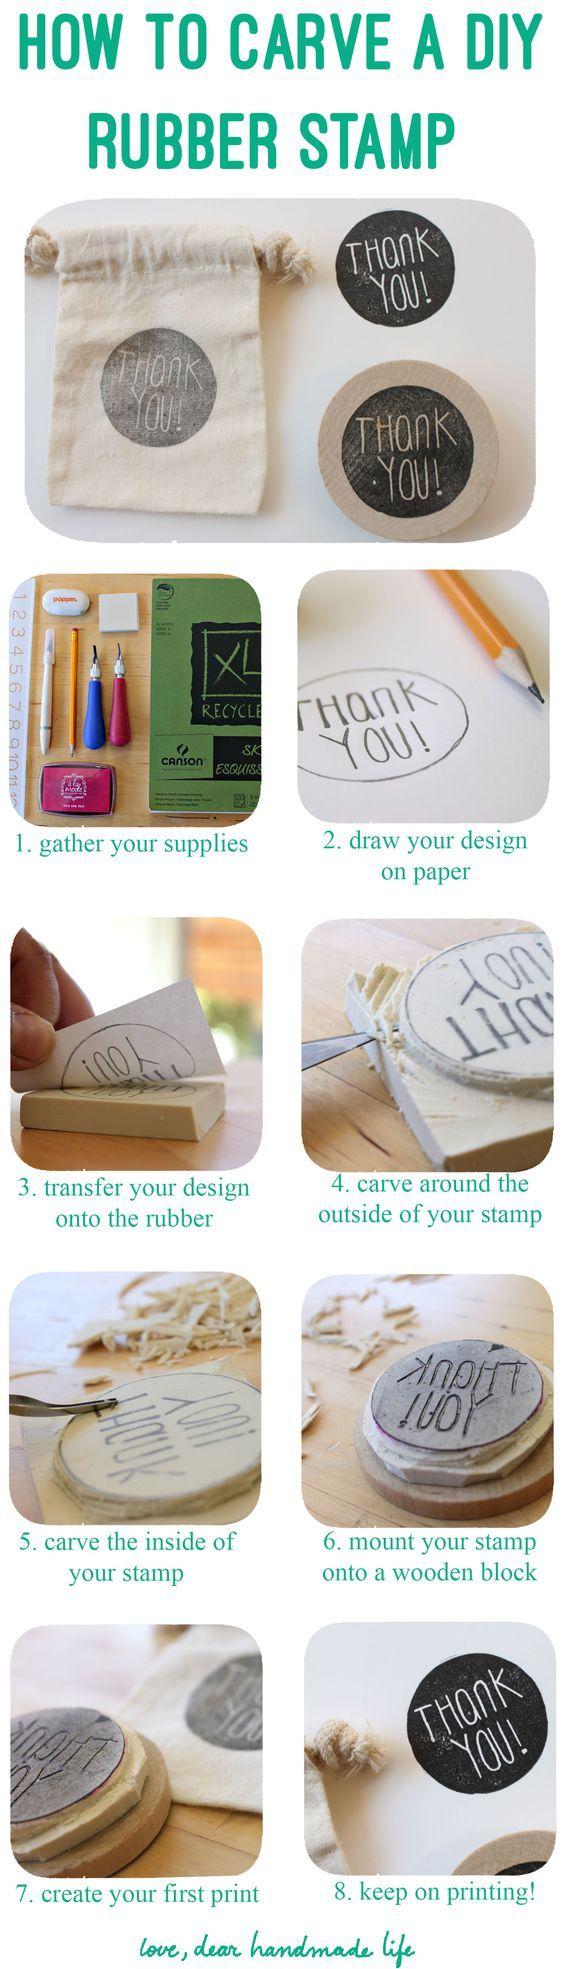 DIY Carved Rubber Stamp